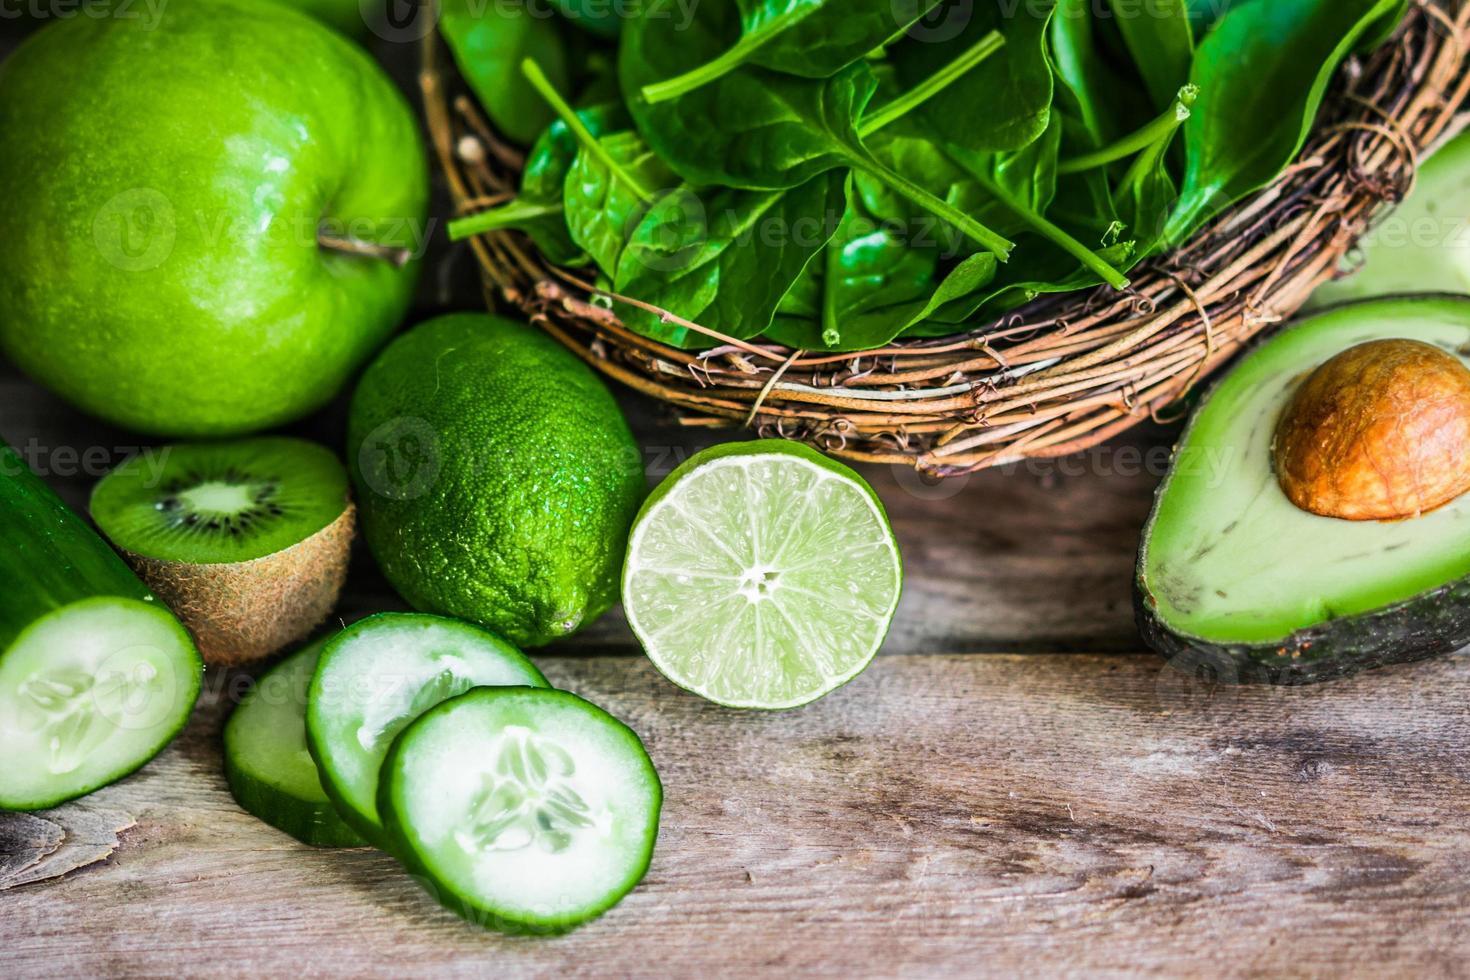 Mischung aus grünem Obst und Gemüse auf rustikalem Holzhintergrund foto